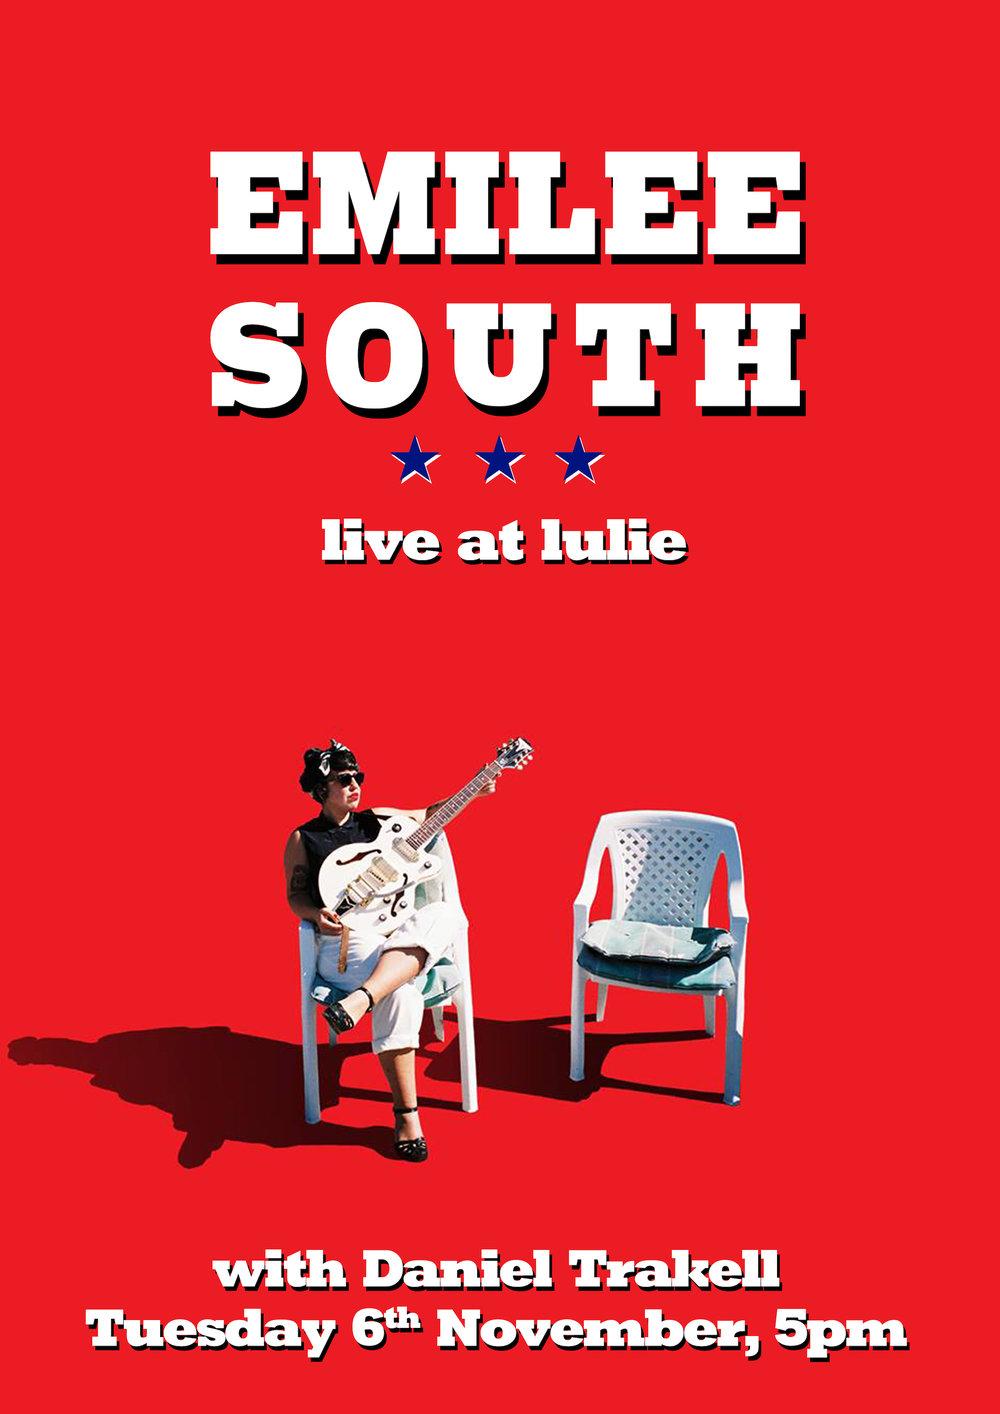 Emilee South A1.jpg